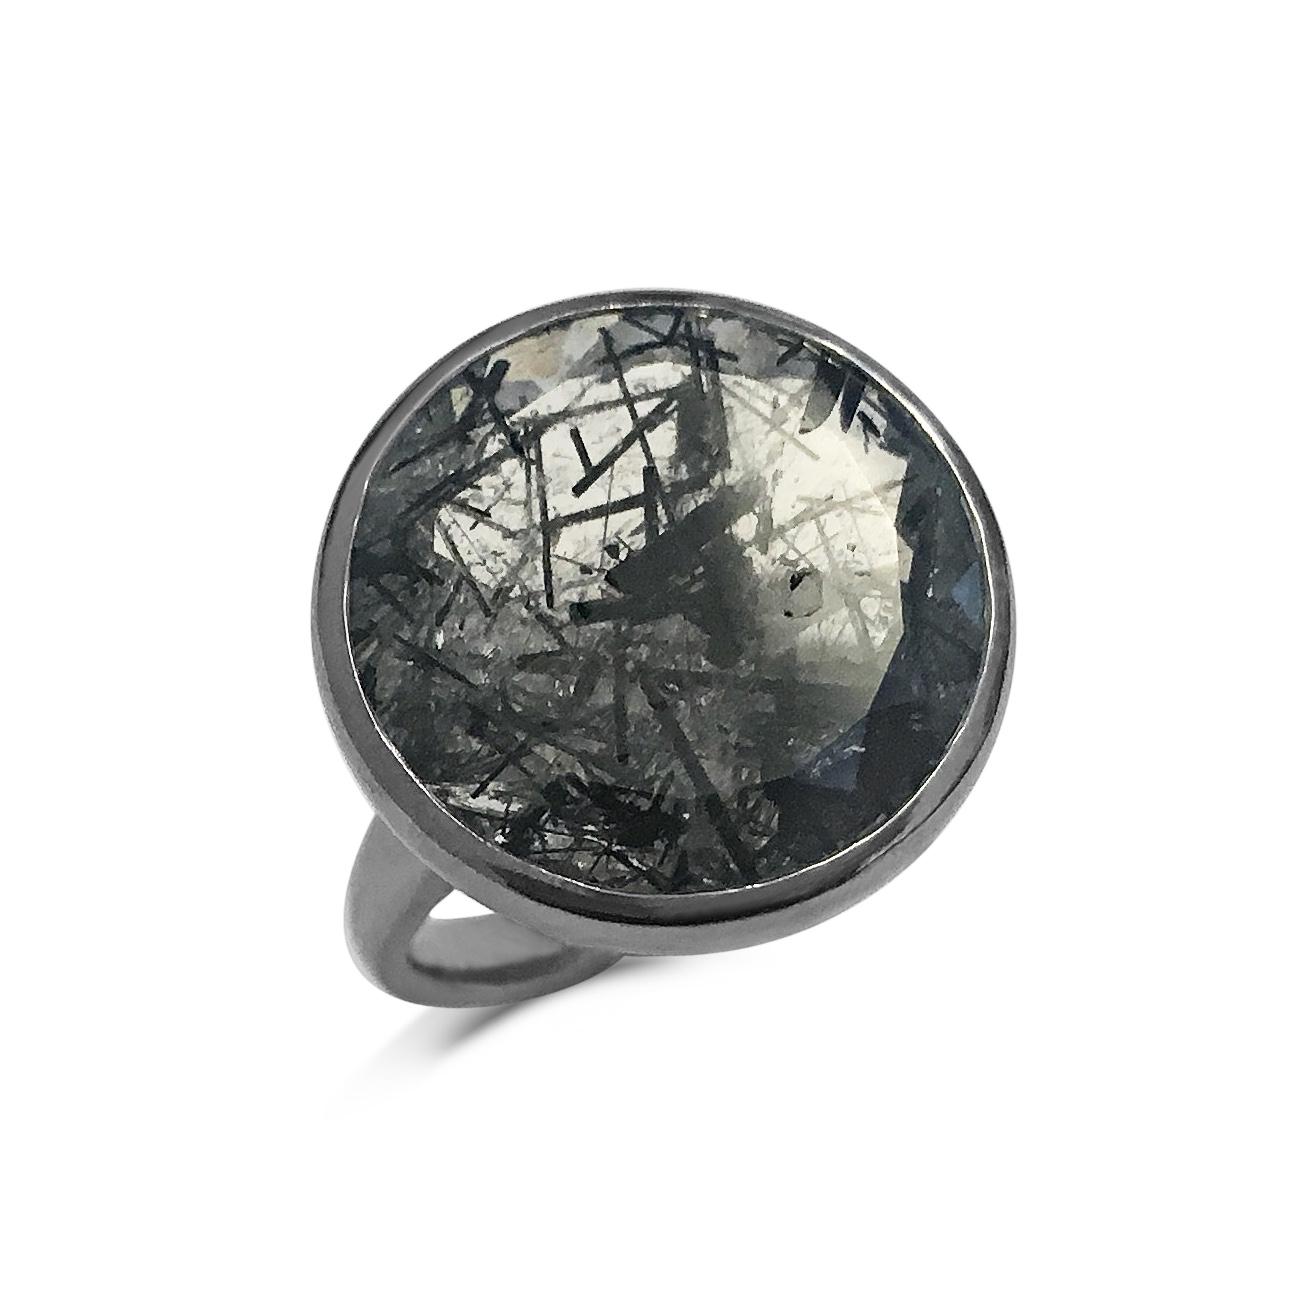 Sagenitic quartz satellite ring top view